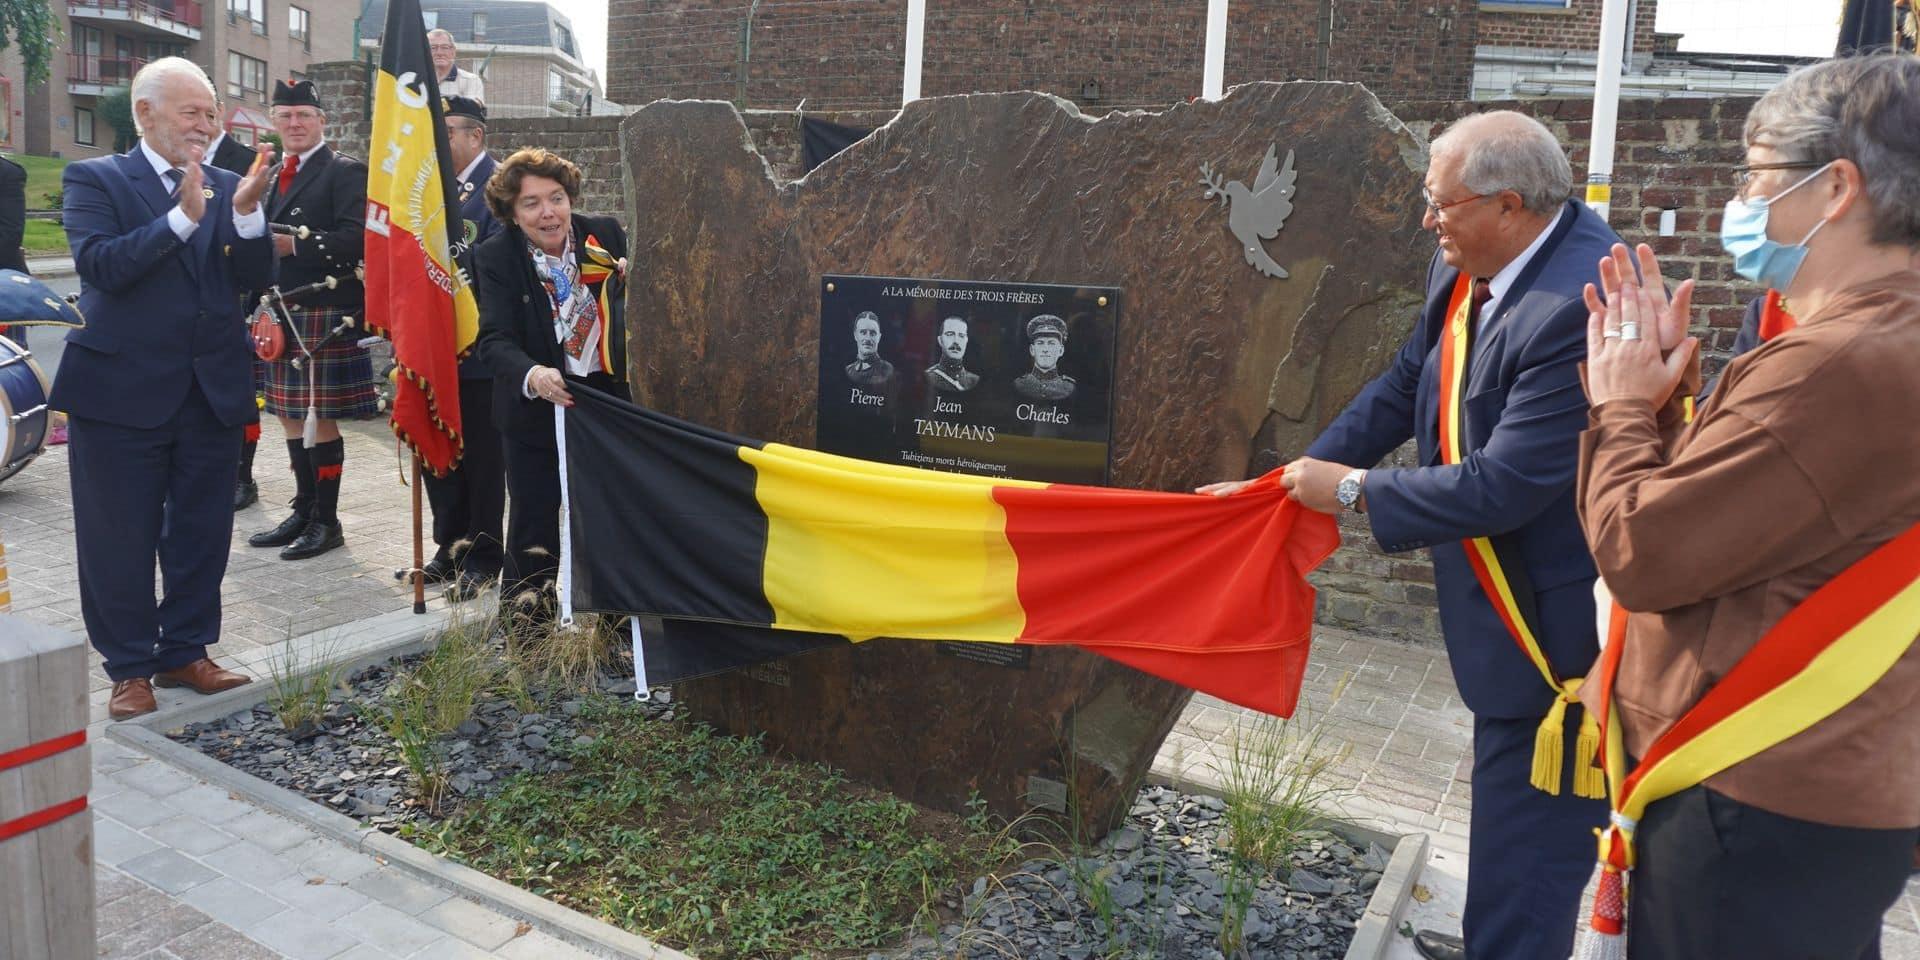 Tubize : inauguration d'une stèle en mémoire des frères Taymans